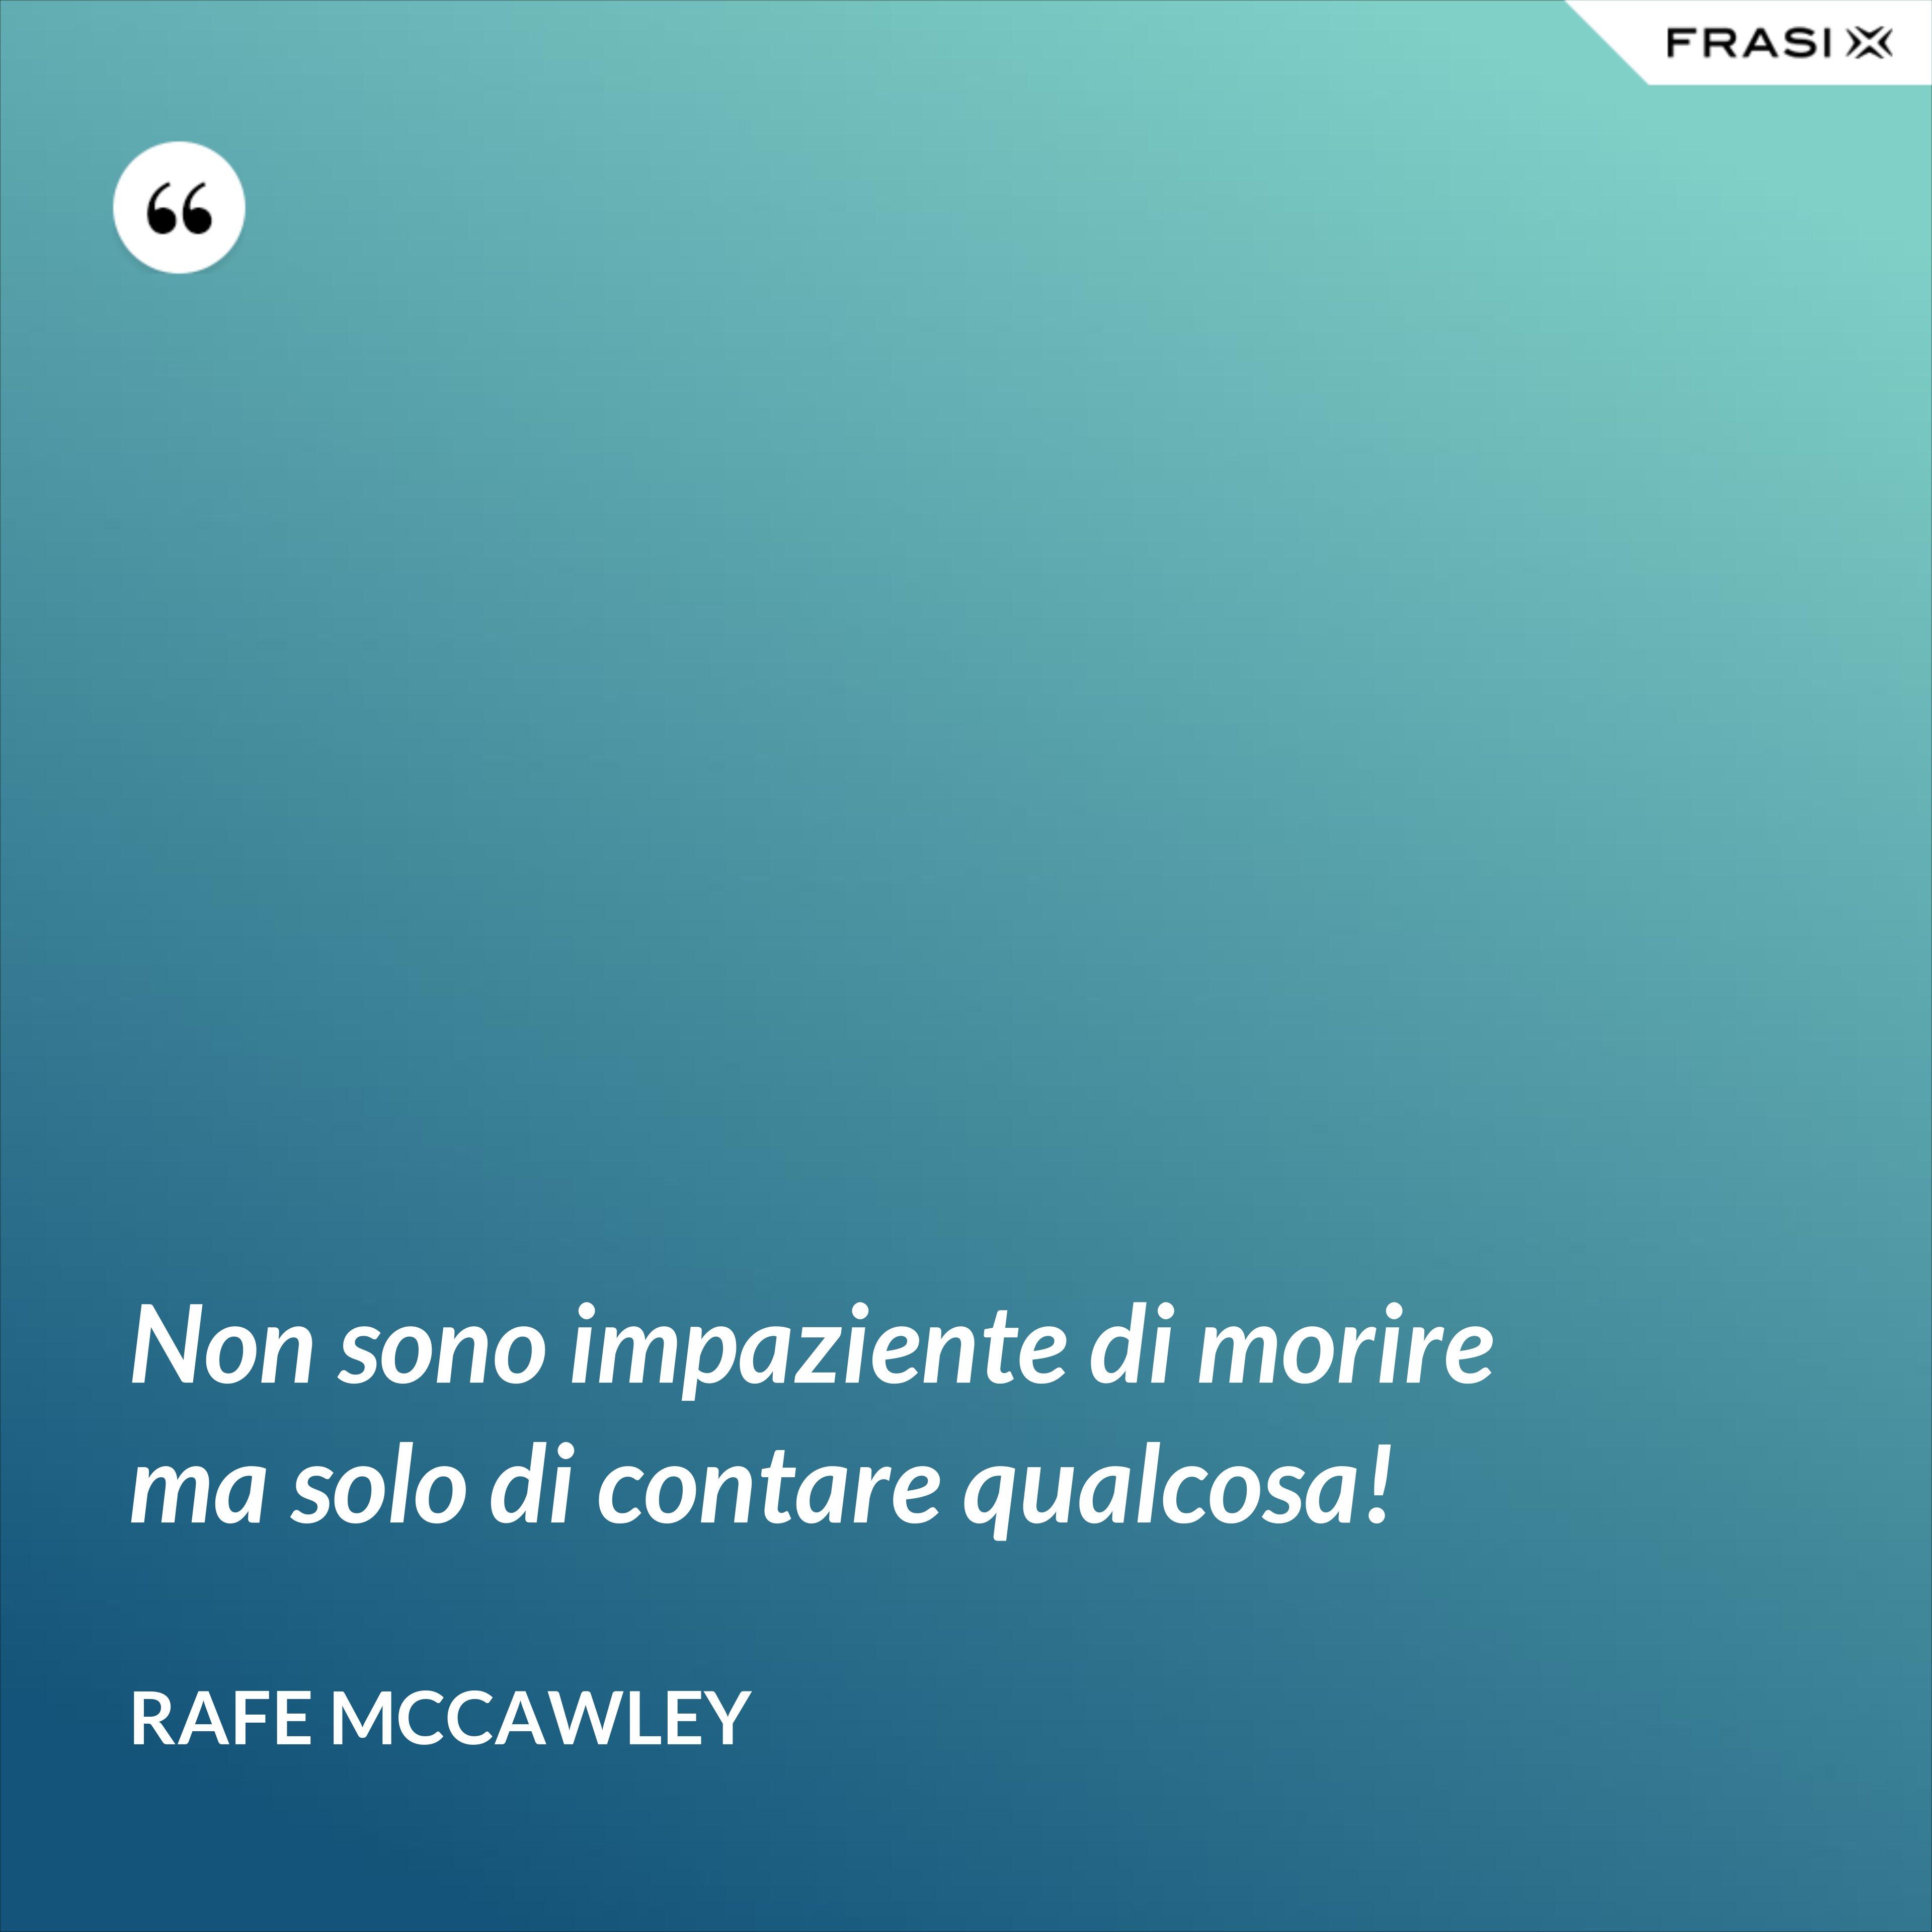 Non sono impaziente di morire ma solo di contare qualcosa! - Rafe McCawley